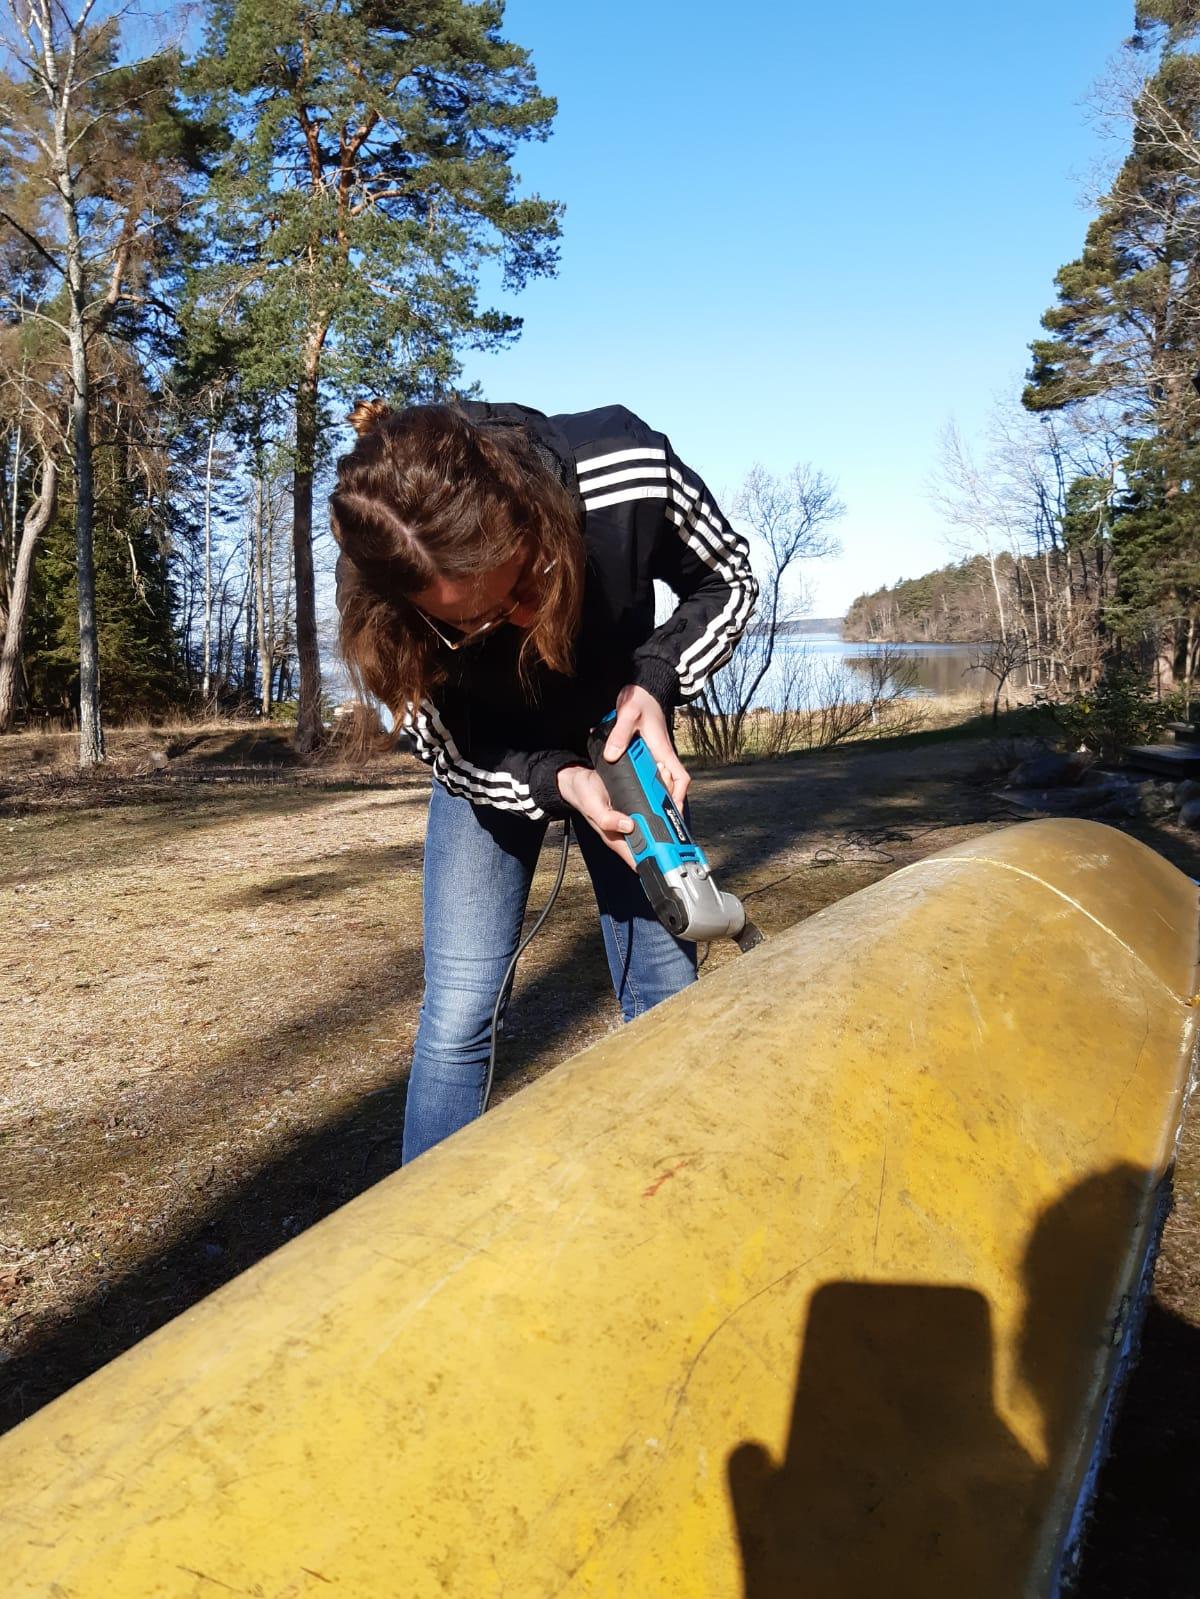 Clarita zersägt ein Kanu